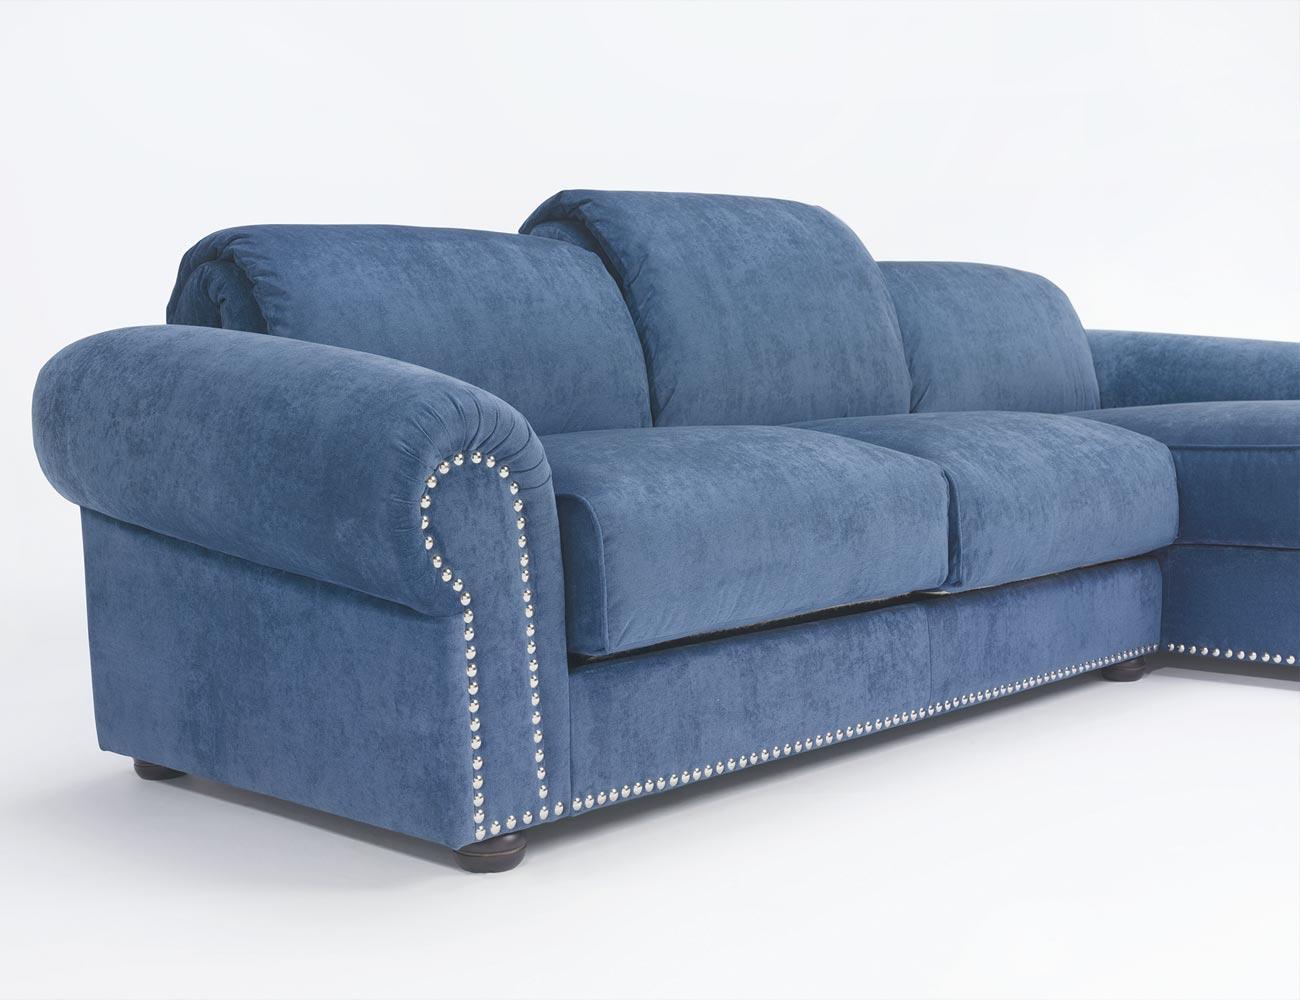 Sofa chaiselongue gran lujo decorativo azul 140